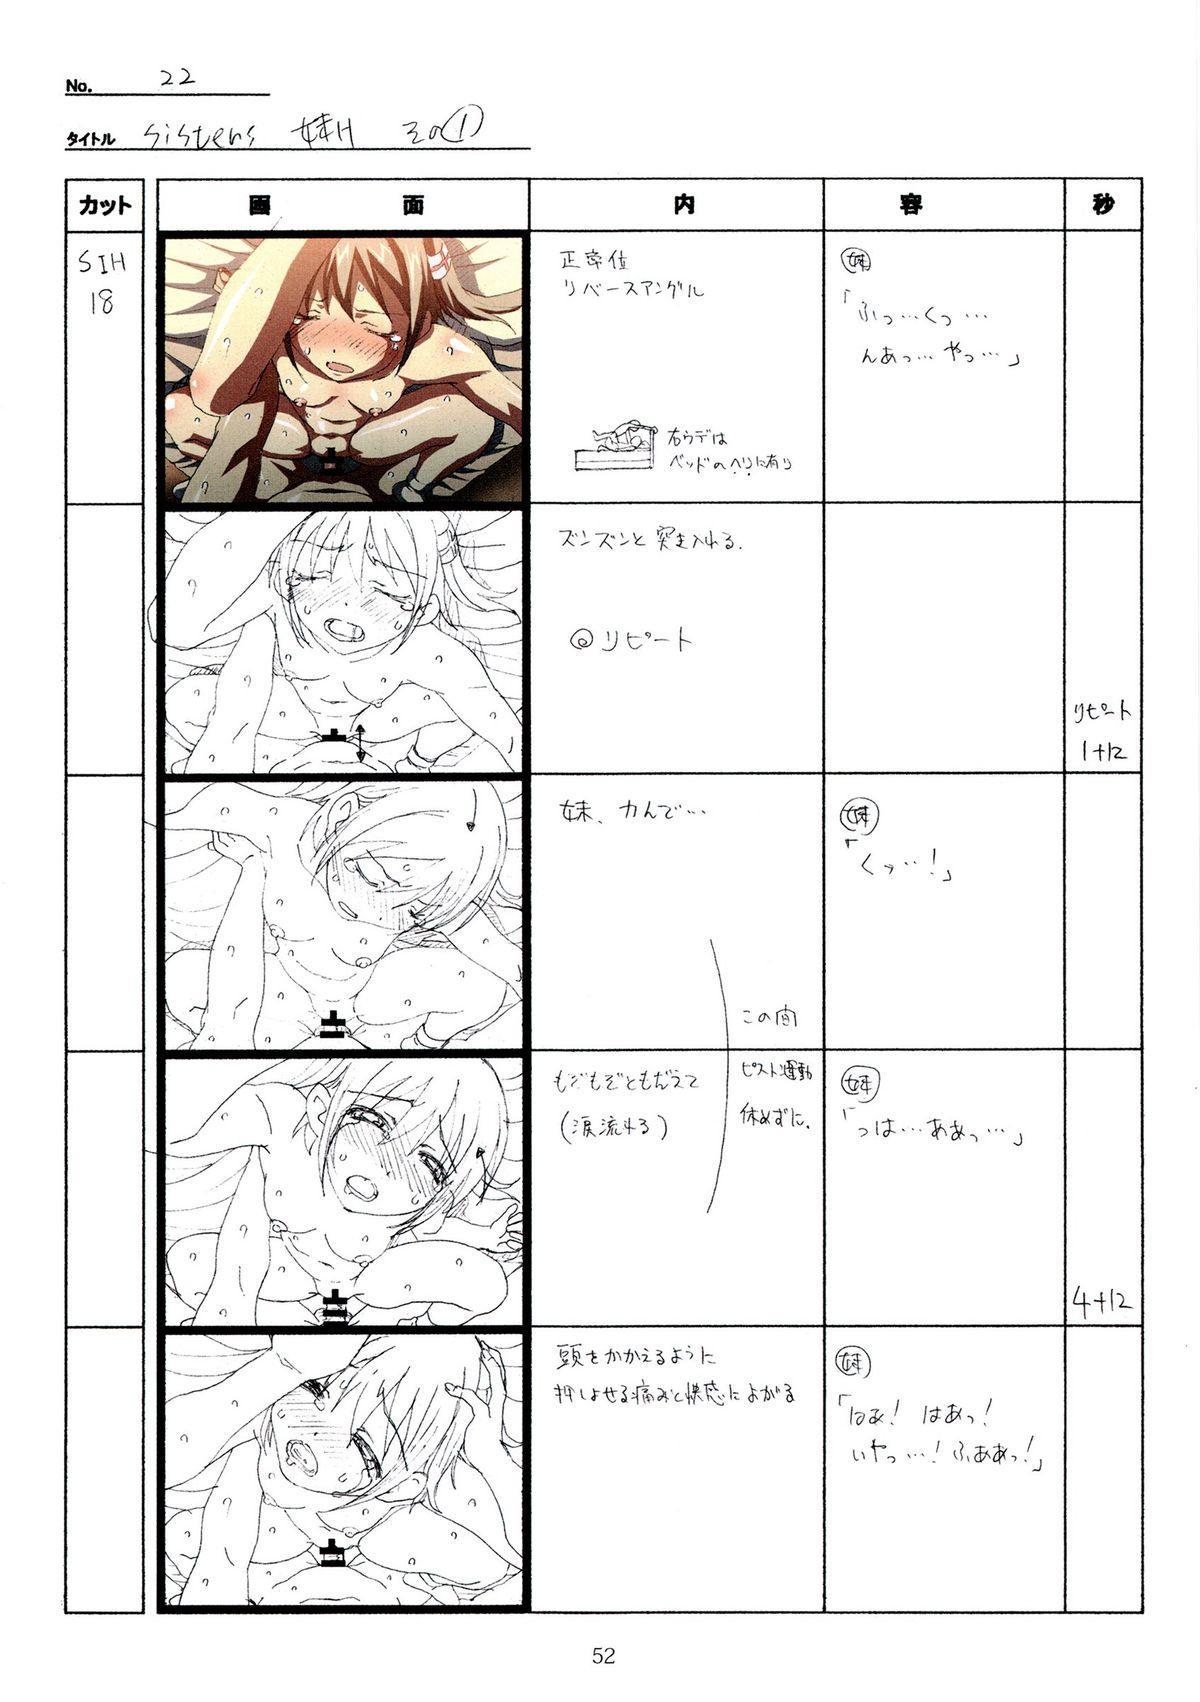 (C89) [Makino Jimusho (Taki Minashika)] SISTERS -Natsu no Saigo no Hi- H Scene All Part Storyboard (SISTERS -Natsu no Saigo no Hi-) 51